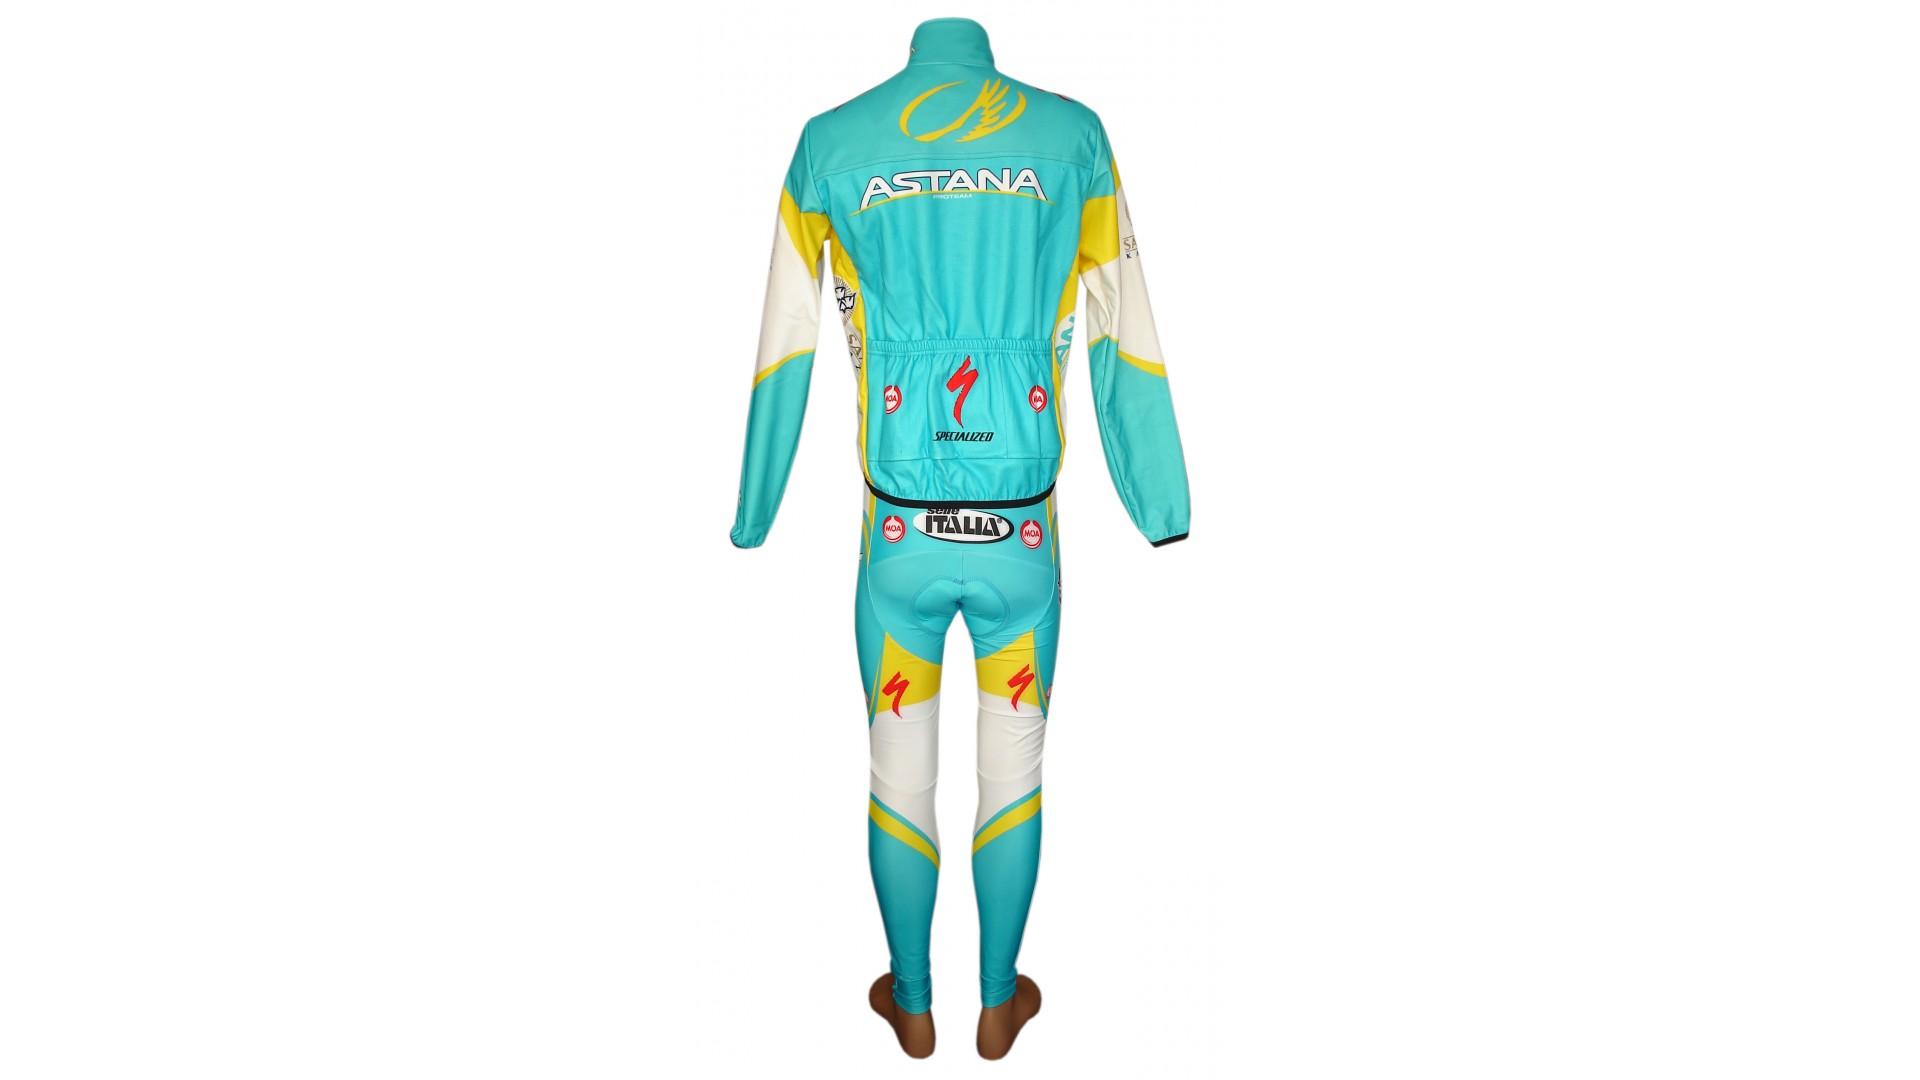 Велорейтузы Nalini Astana общий вид сзади